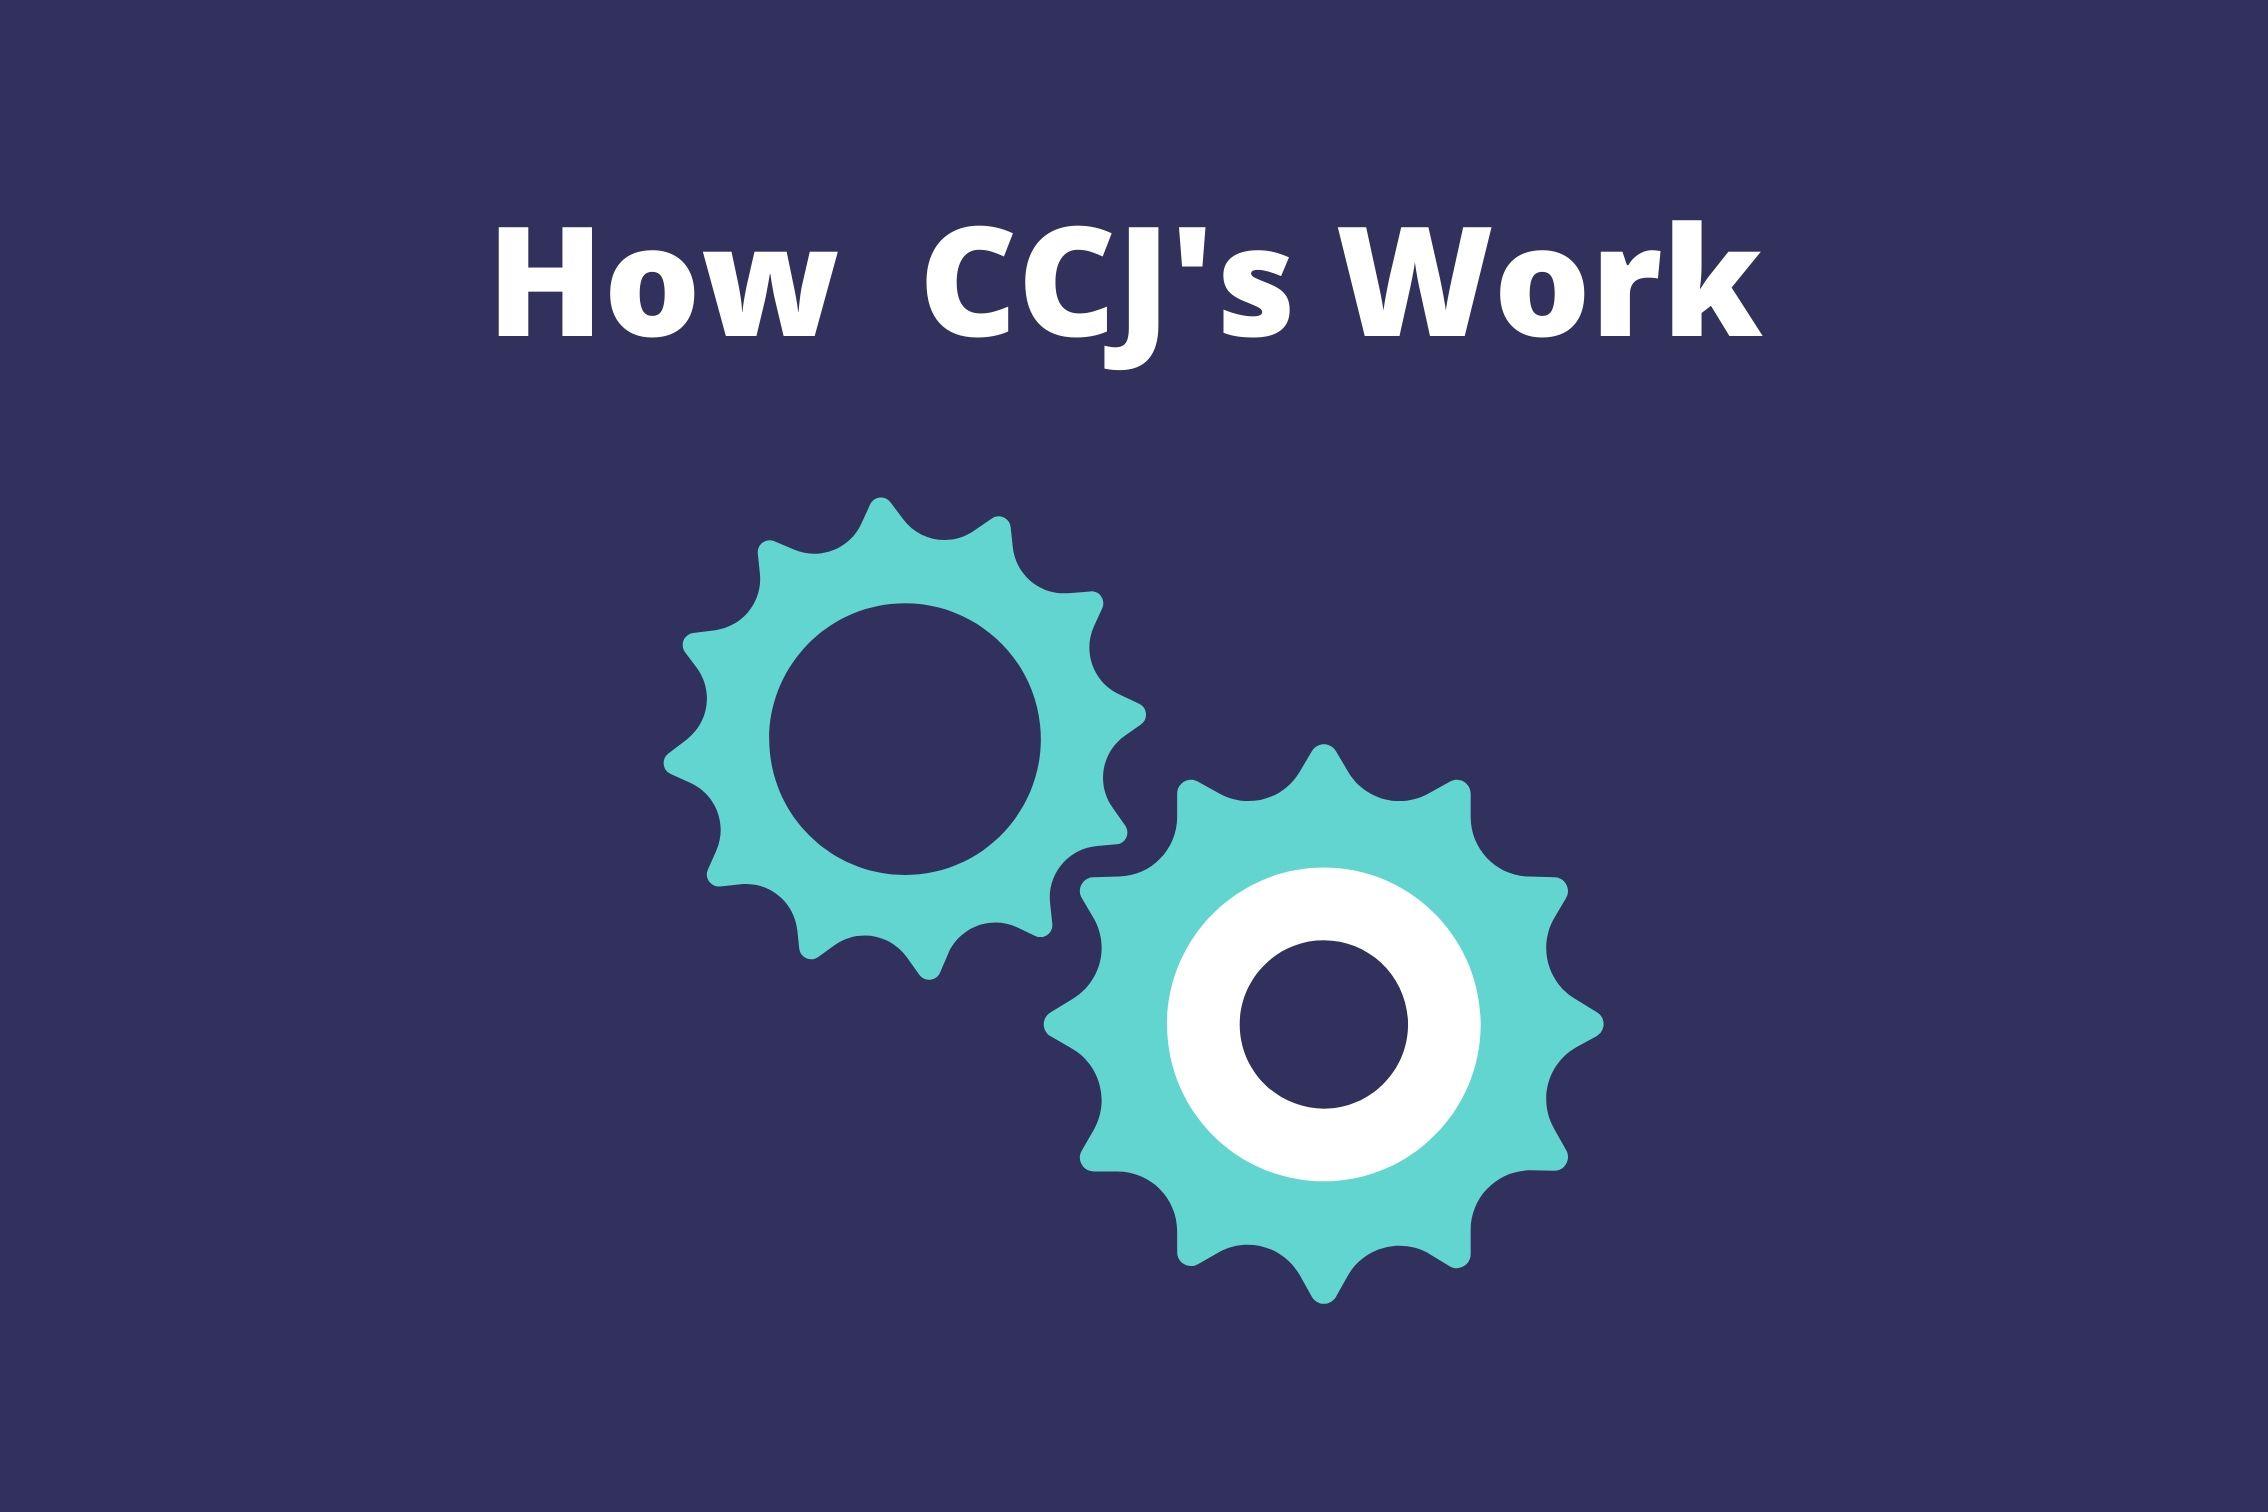 How CCJs Work